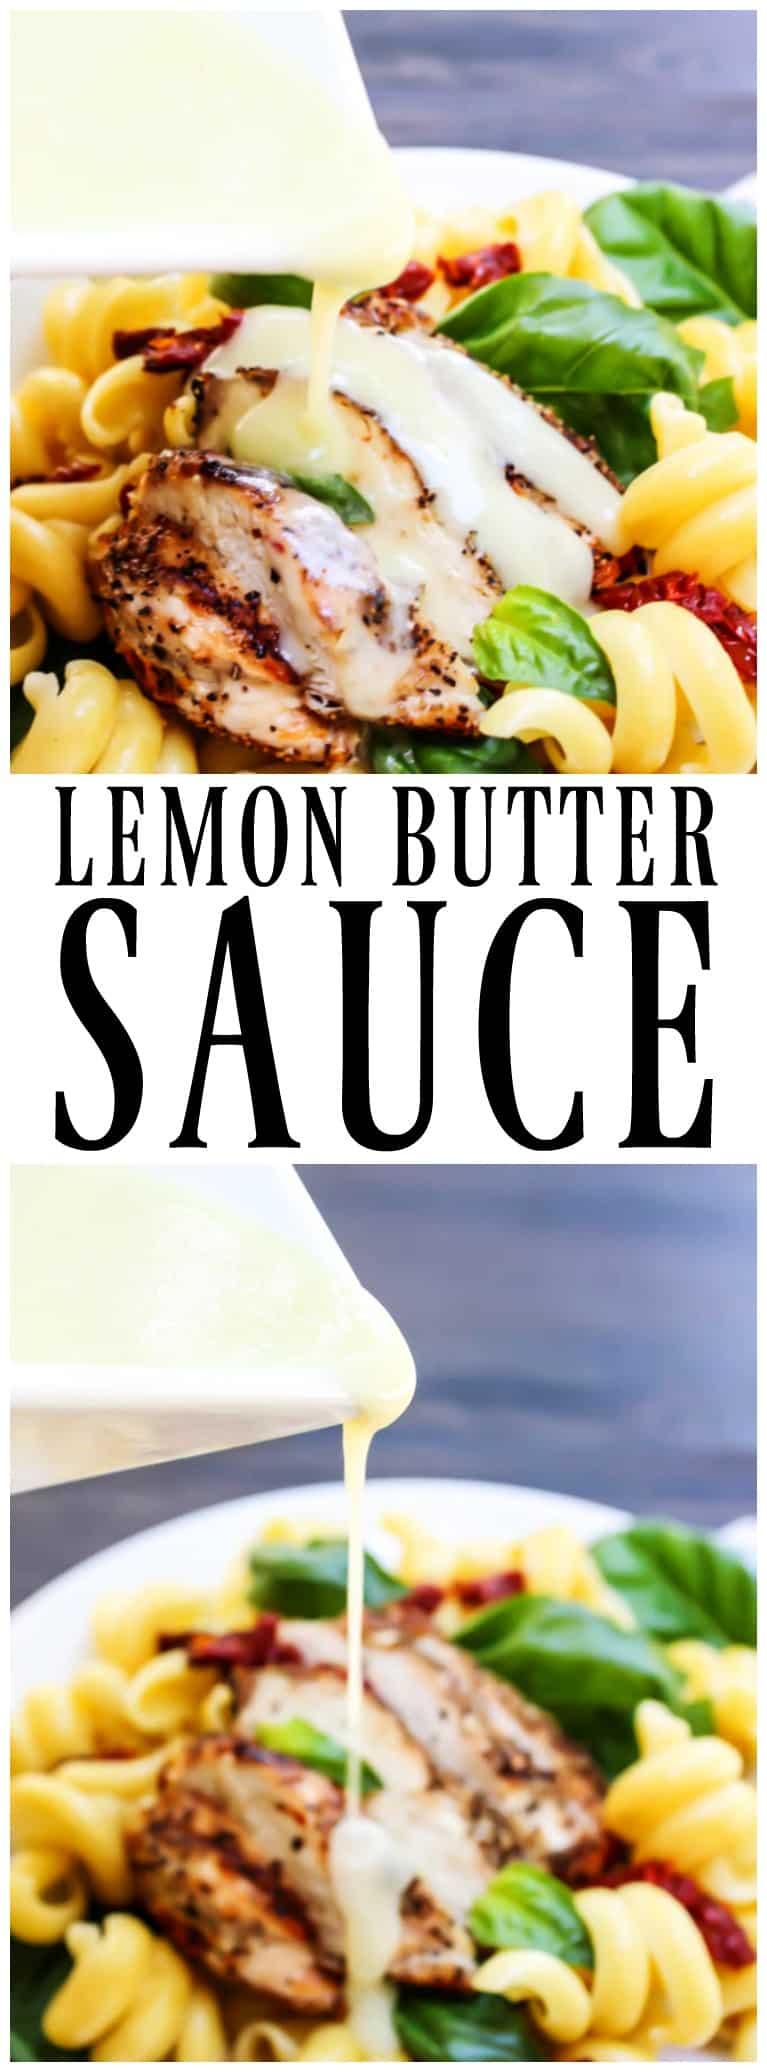 Copycat Carrabba's Lemon Butter Sauce